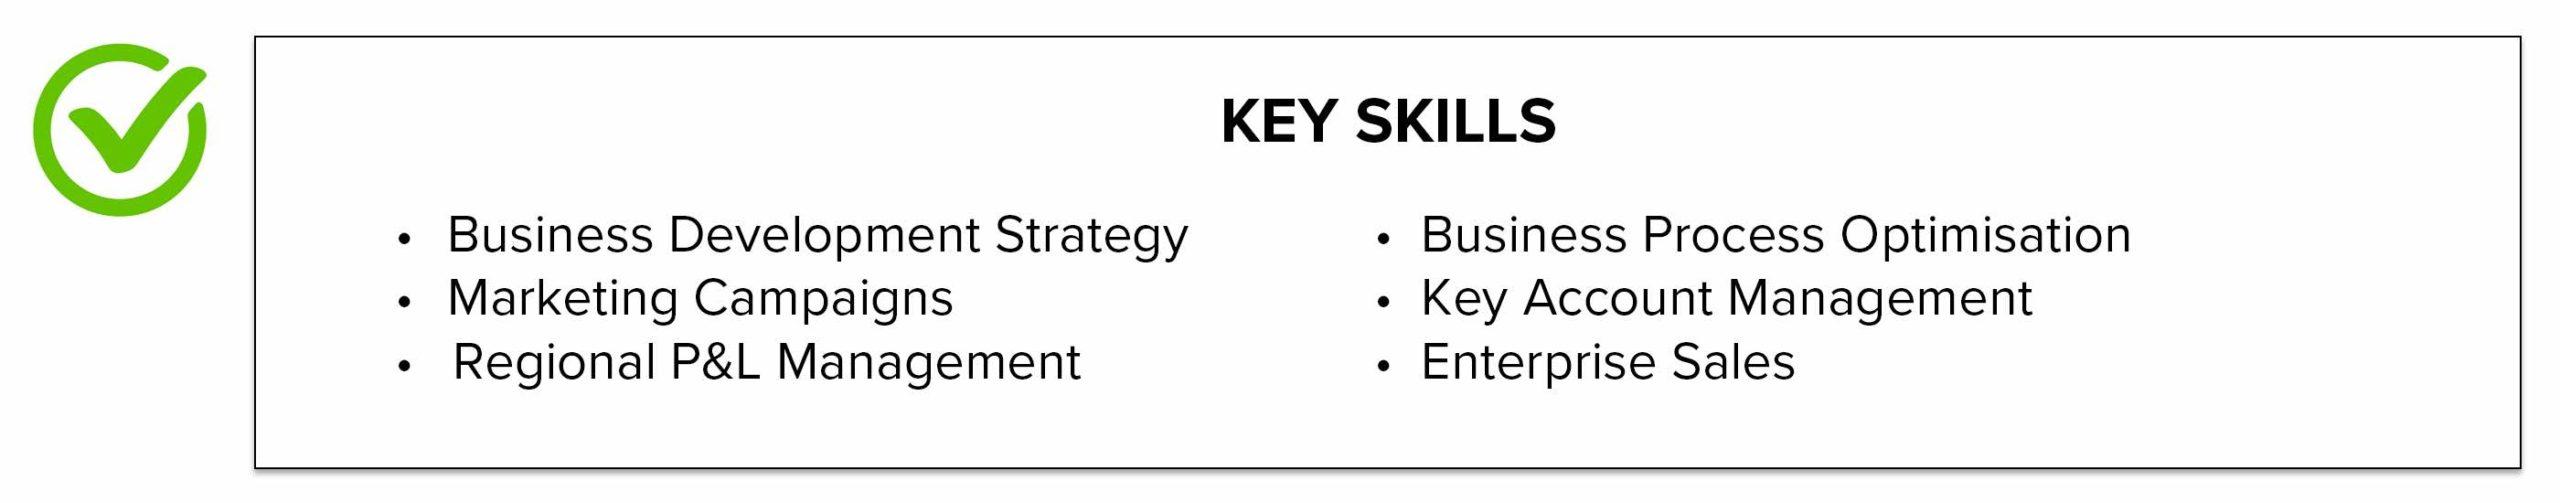 Key Skills G Scaled